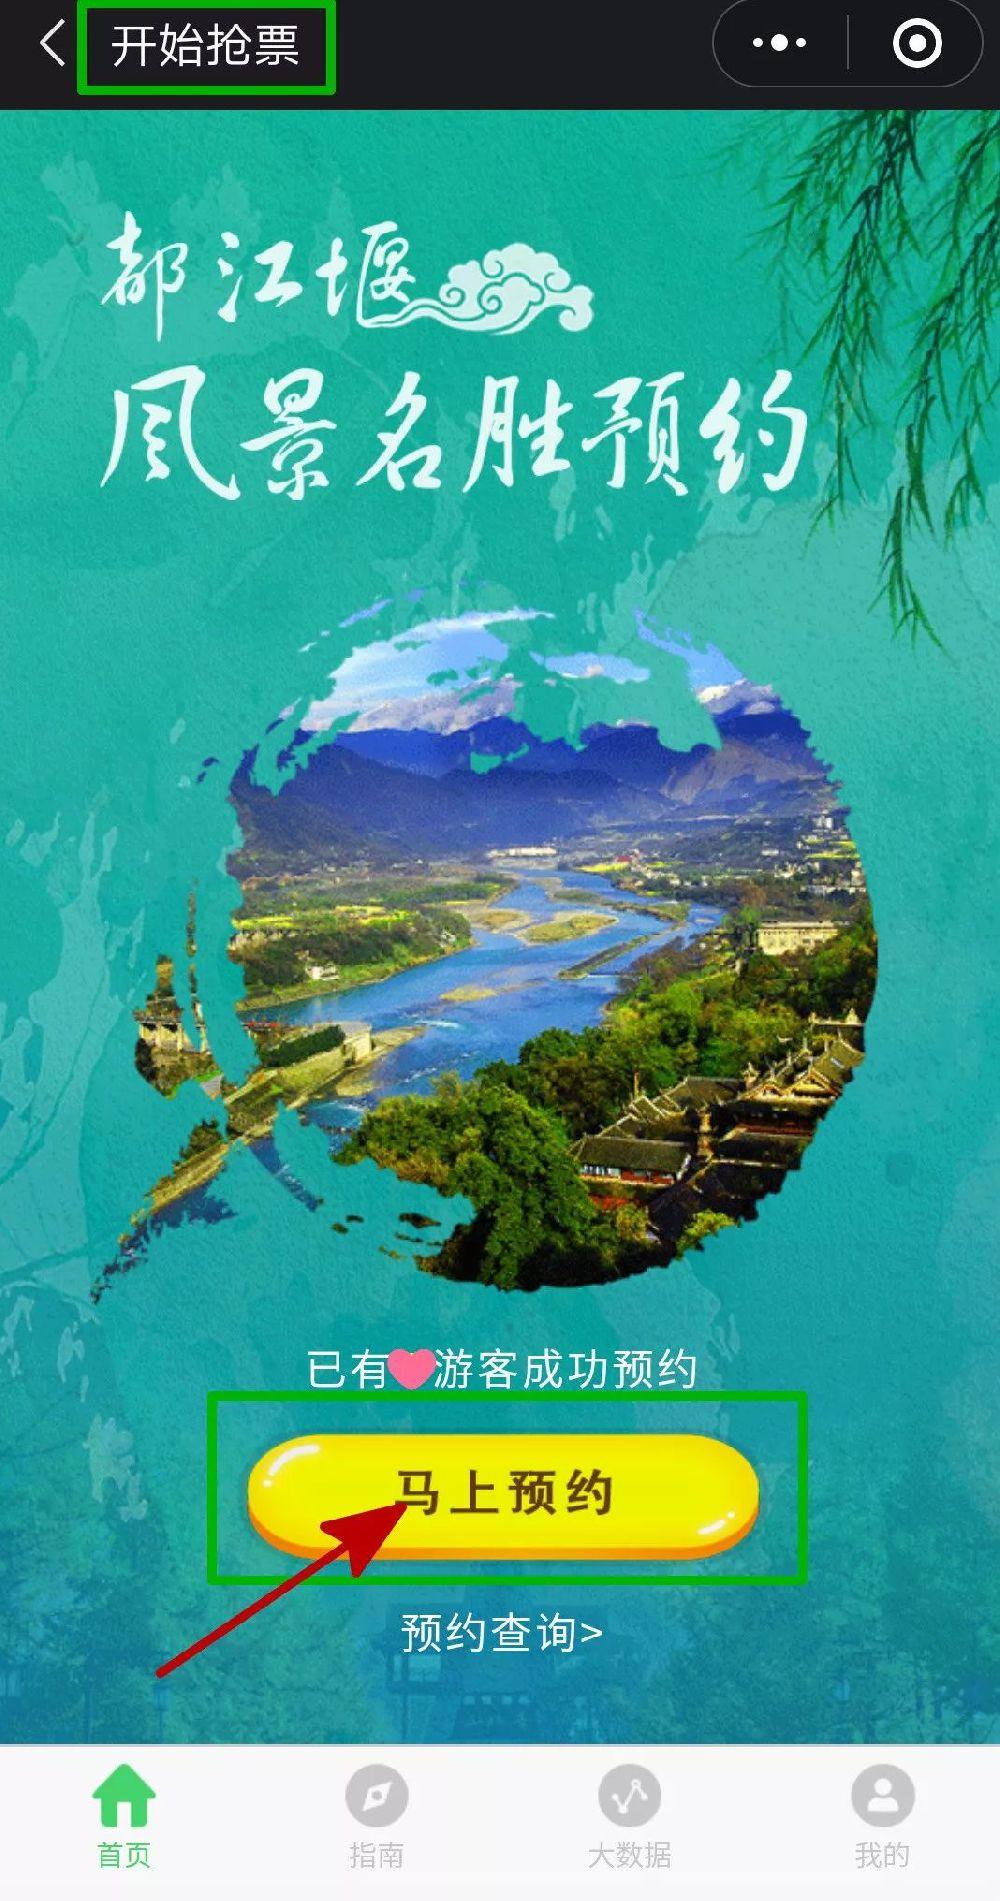 2019年成都都江堰放水节免费门票预约攻略